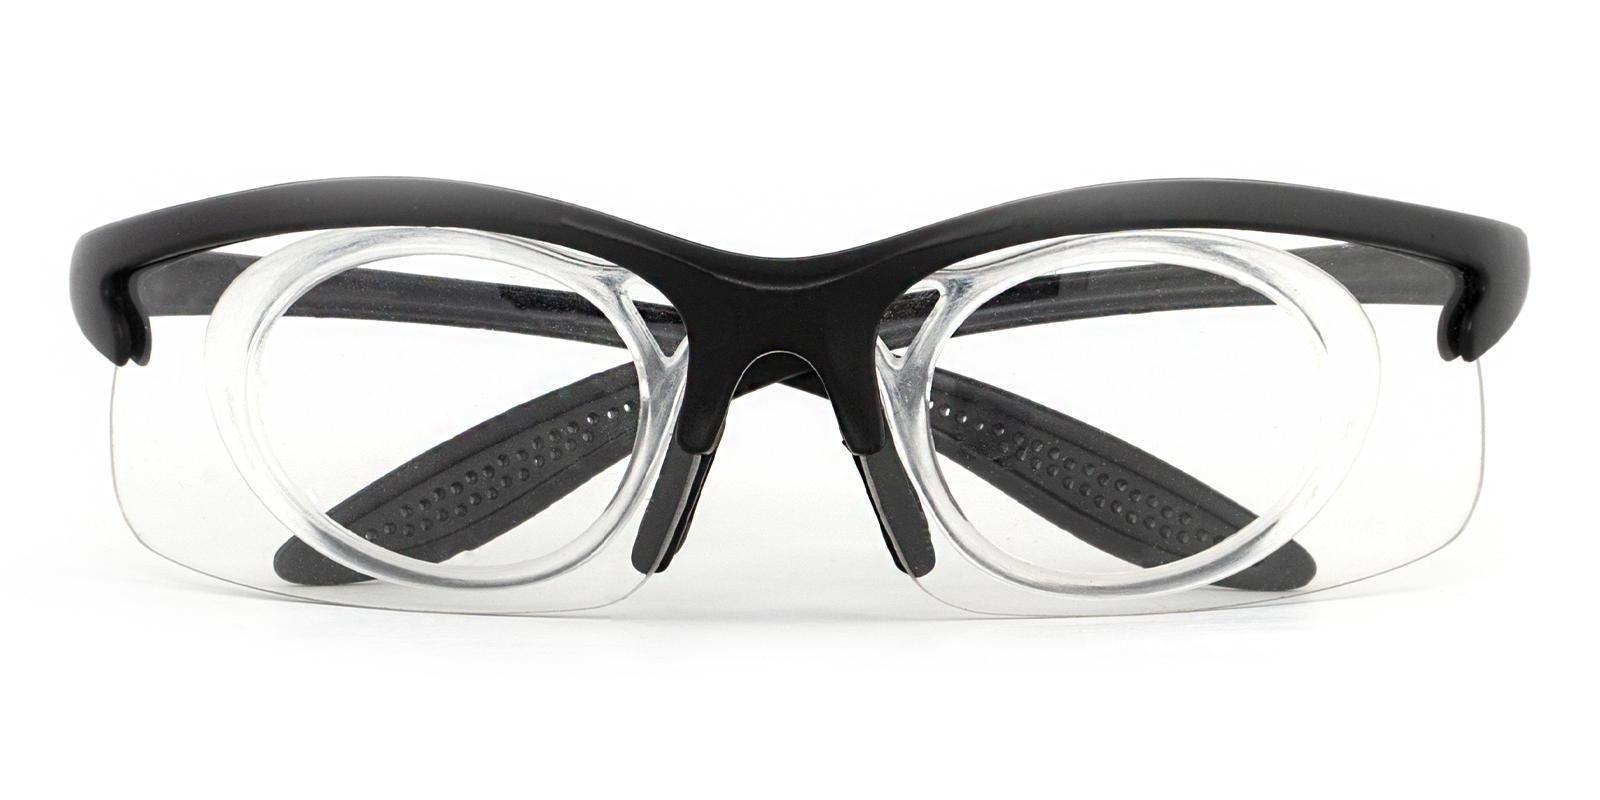 Guthrie Center Black Plastic SportsGlasses Frames from ABBE Glasses